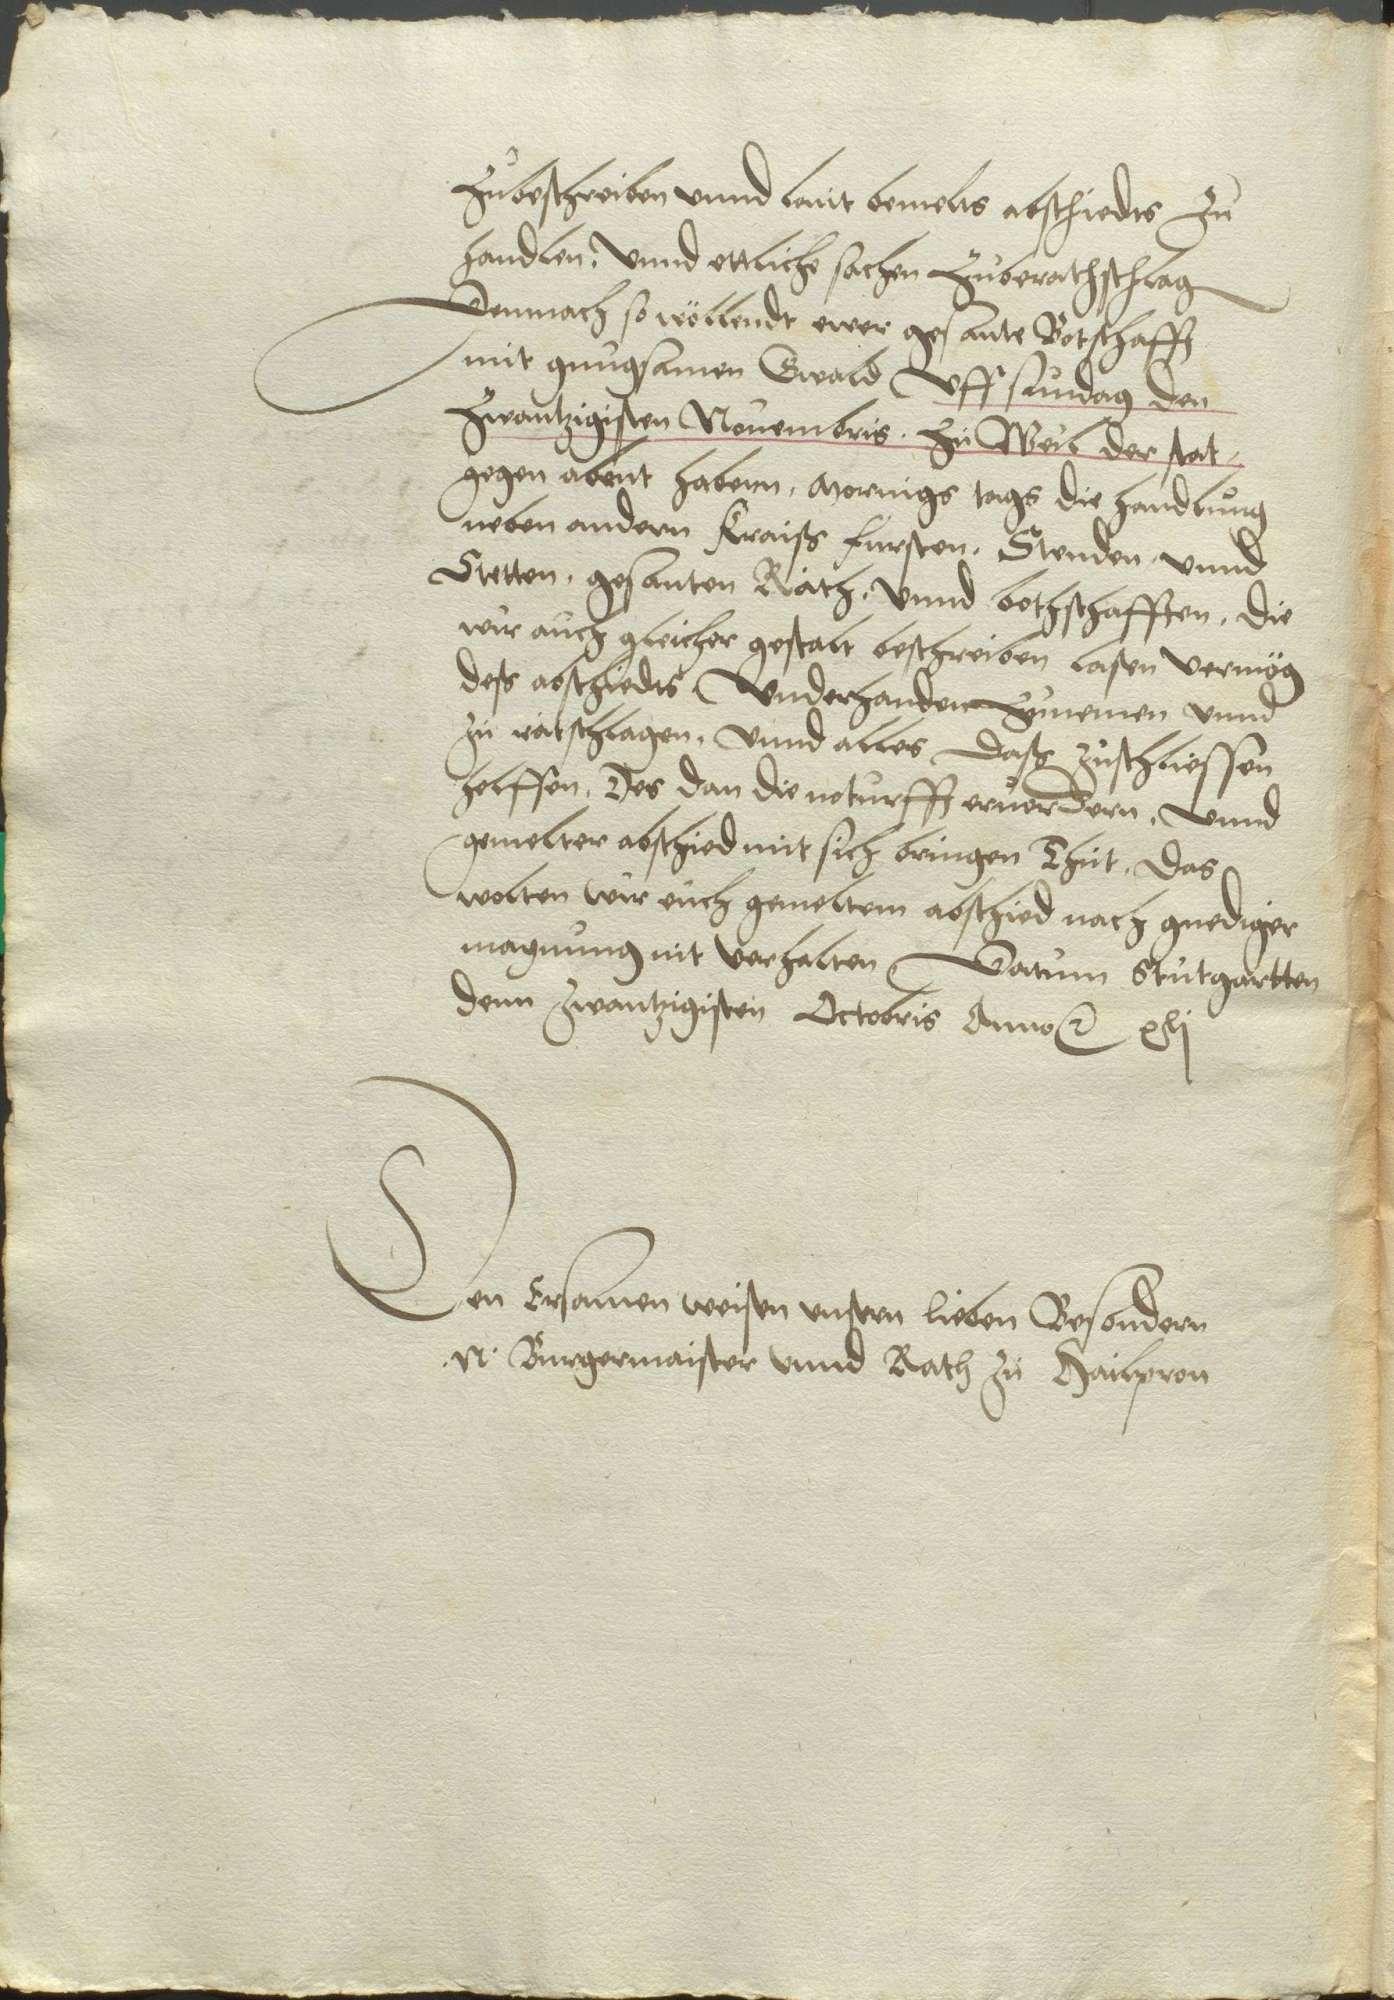 Kraft des Abschieds zu Regensburg von 1541 angesetzter Versammlungstag der Stände zu Speyer auf dem 14. Januar 1542 und der deswegen vom Herzog von Württemberg vorher ausgeschriebene Versammlungstag der Stände des Schwäbischen Kreises nach Weil der Stadt auf den 20. November 1541. Es sollte auf dem Speyerischen Tag wegen der Reichsanschläge, der Münze, der Kammergerichtsvisitation, der beharrlichen Türkenhilfe, der Polizei, der Straßburgischen Beschwerden gegen das Kammergericht, des Stimmrechts der Reichsstände, der Mordbrenner und der Rechnung der Anlagen, vermöge des Reichsabschieds und des Privatabschieds der Protestanten zu Regensburg von 1541 gehandelt werden., Bild 3